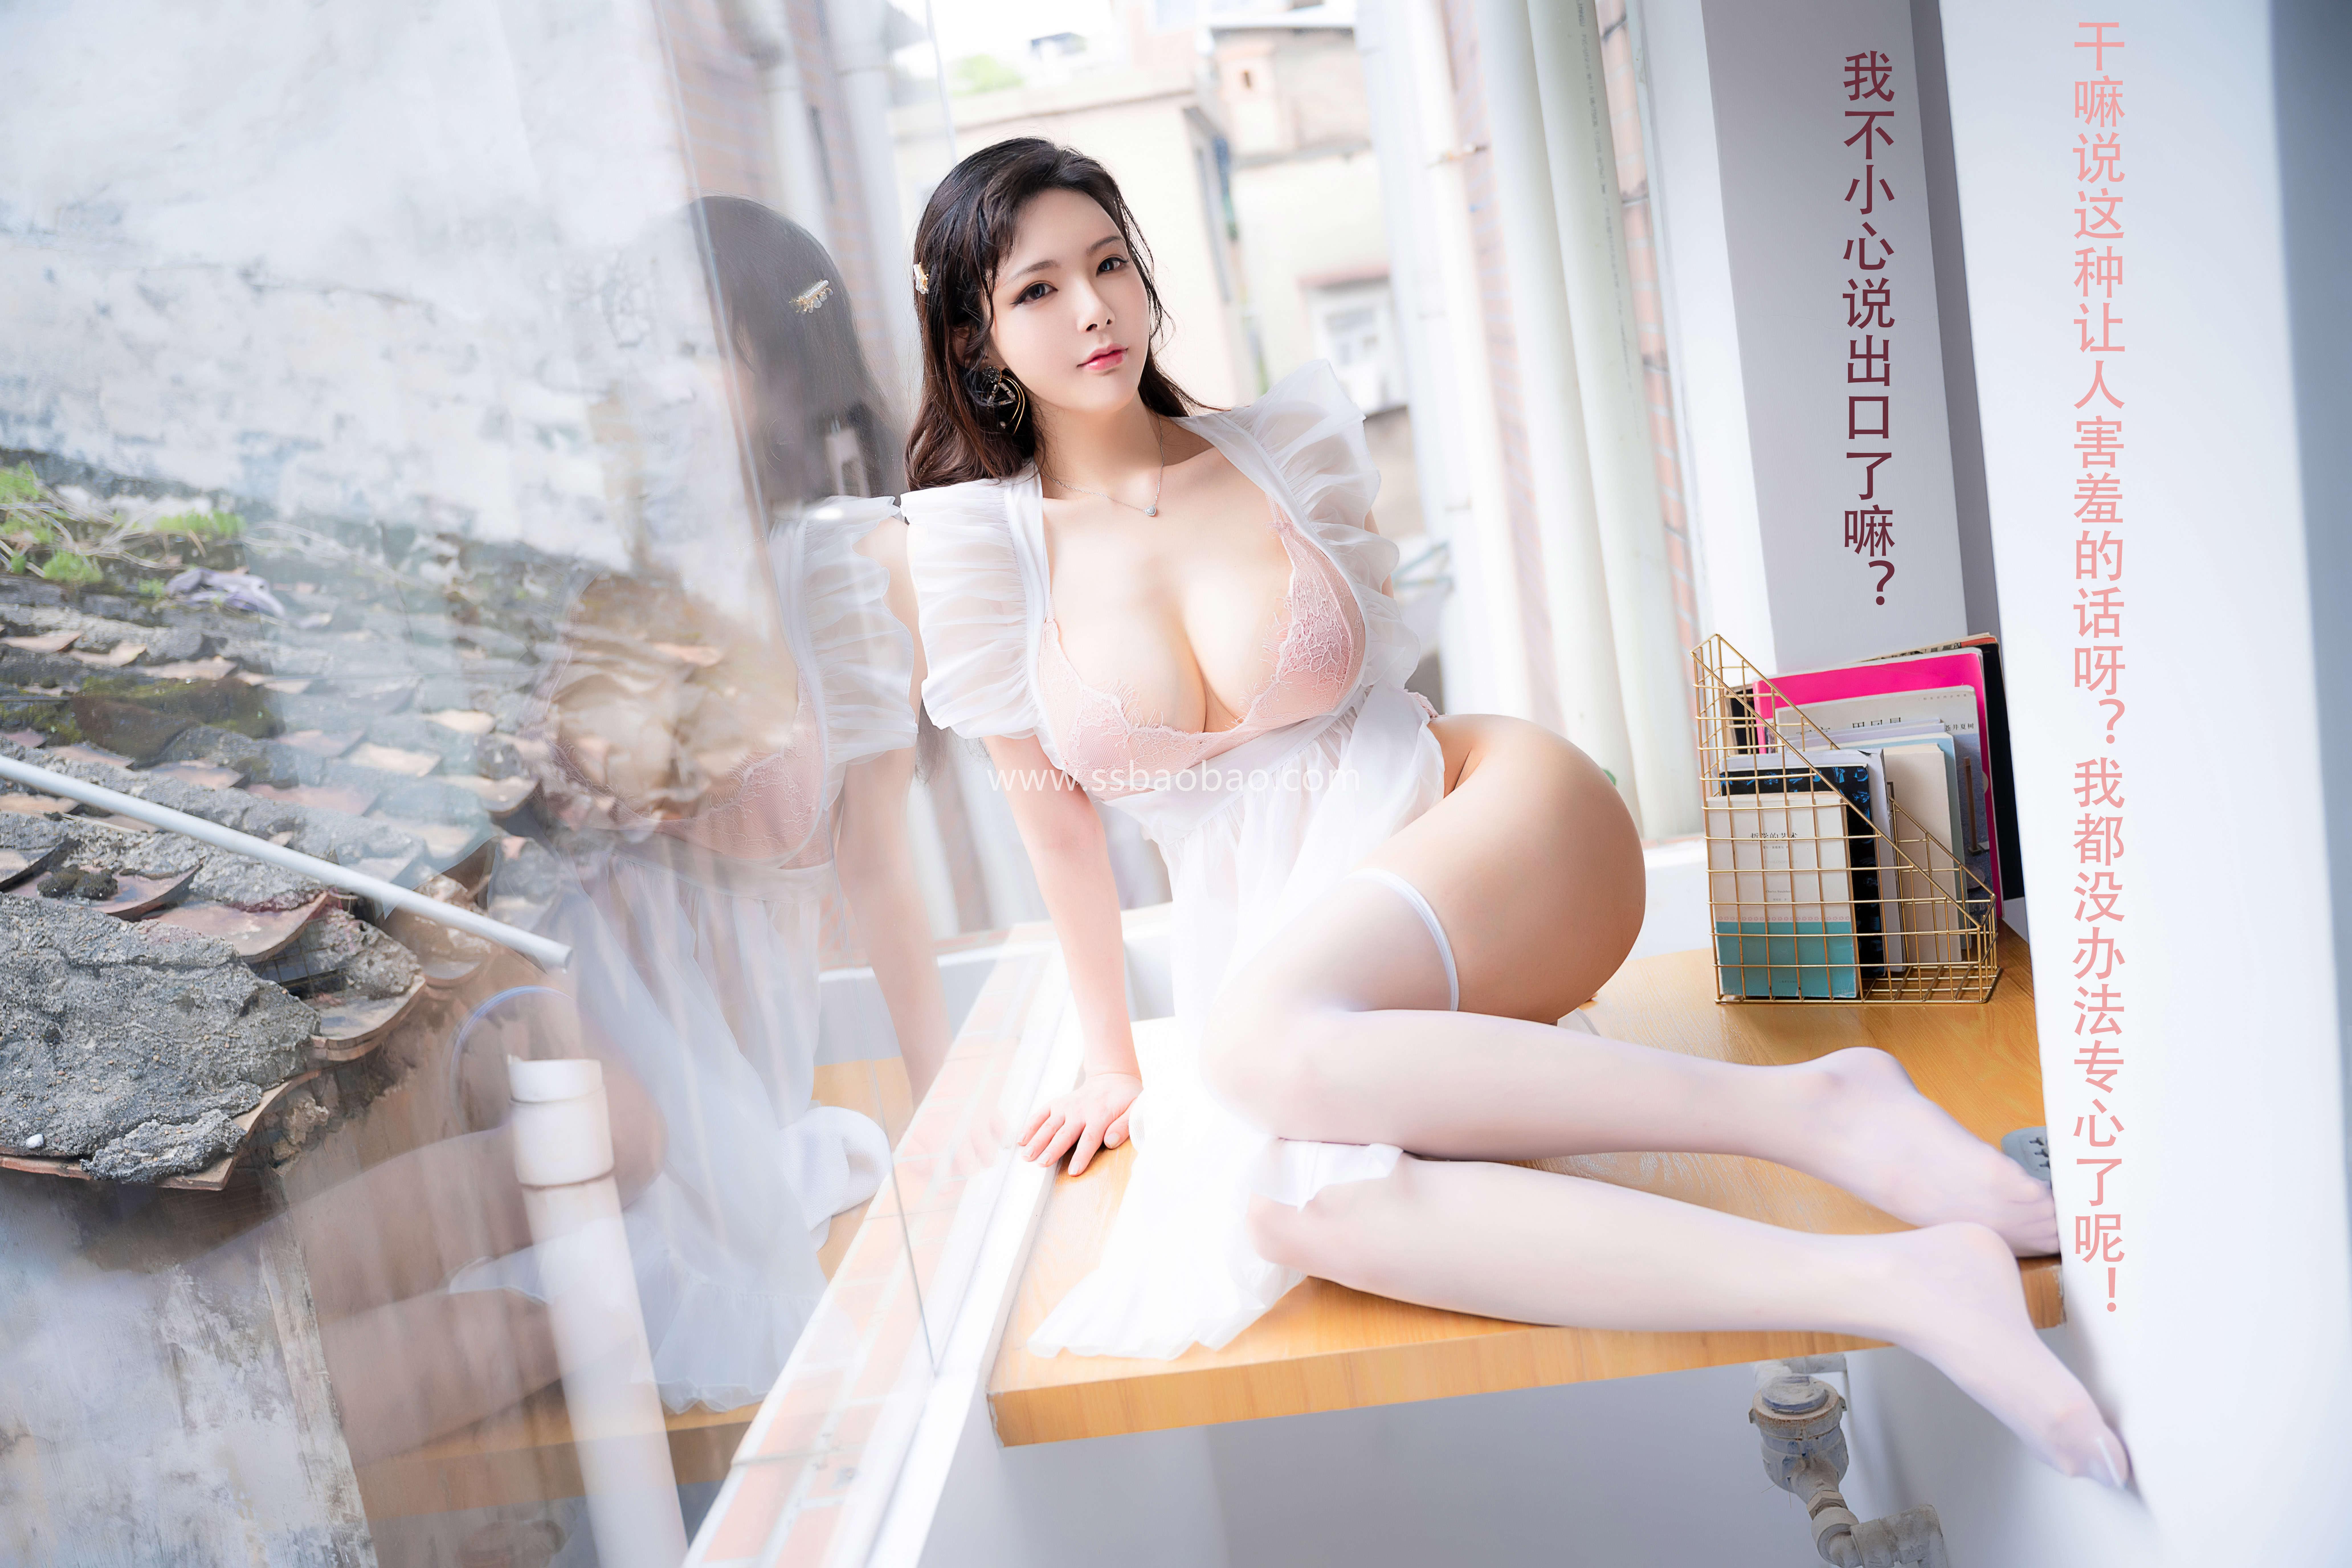 秋和柯基后期作品 H017 透明人妻围裙[54P-776MB]02